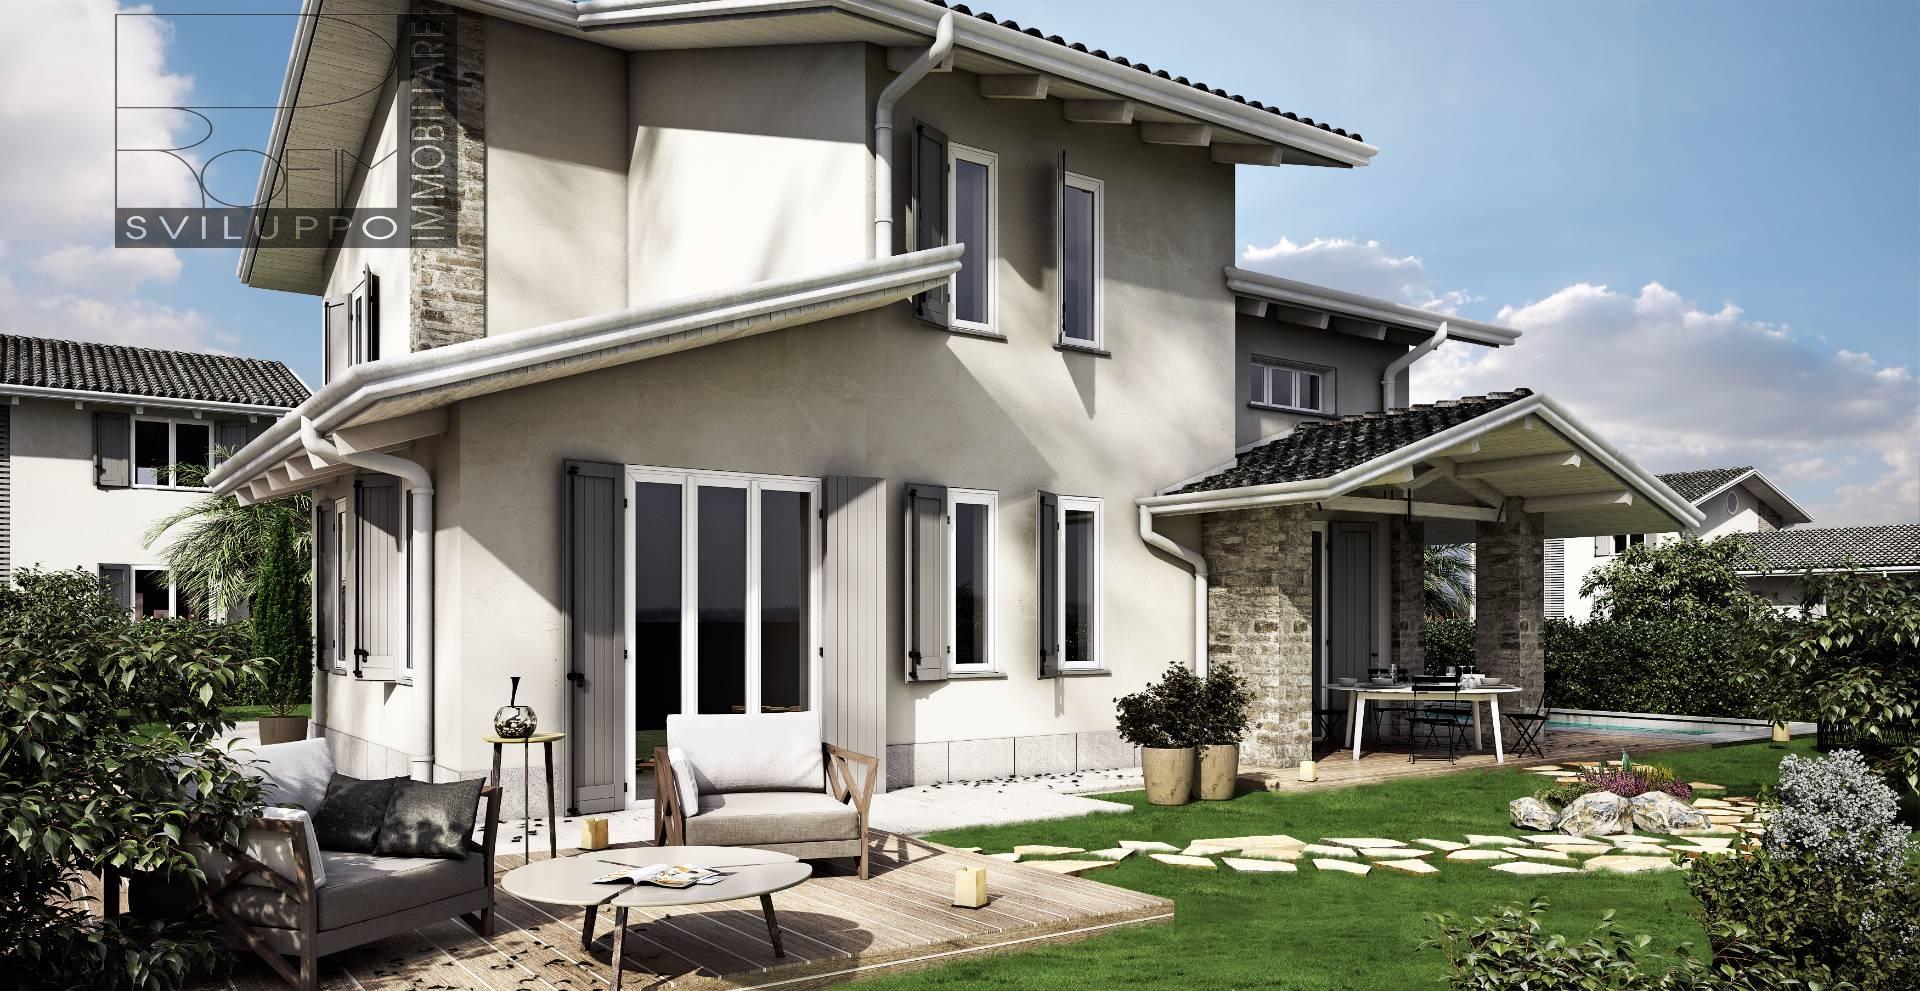 Villa in vendita a spino d 39 adda cod cc 2 villa five for Mercatone dell arredamento spino d adda